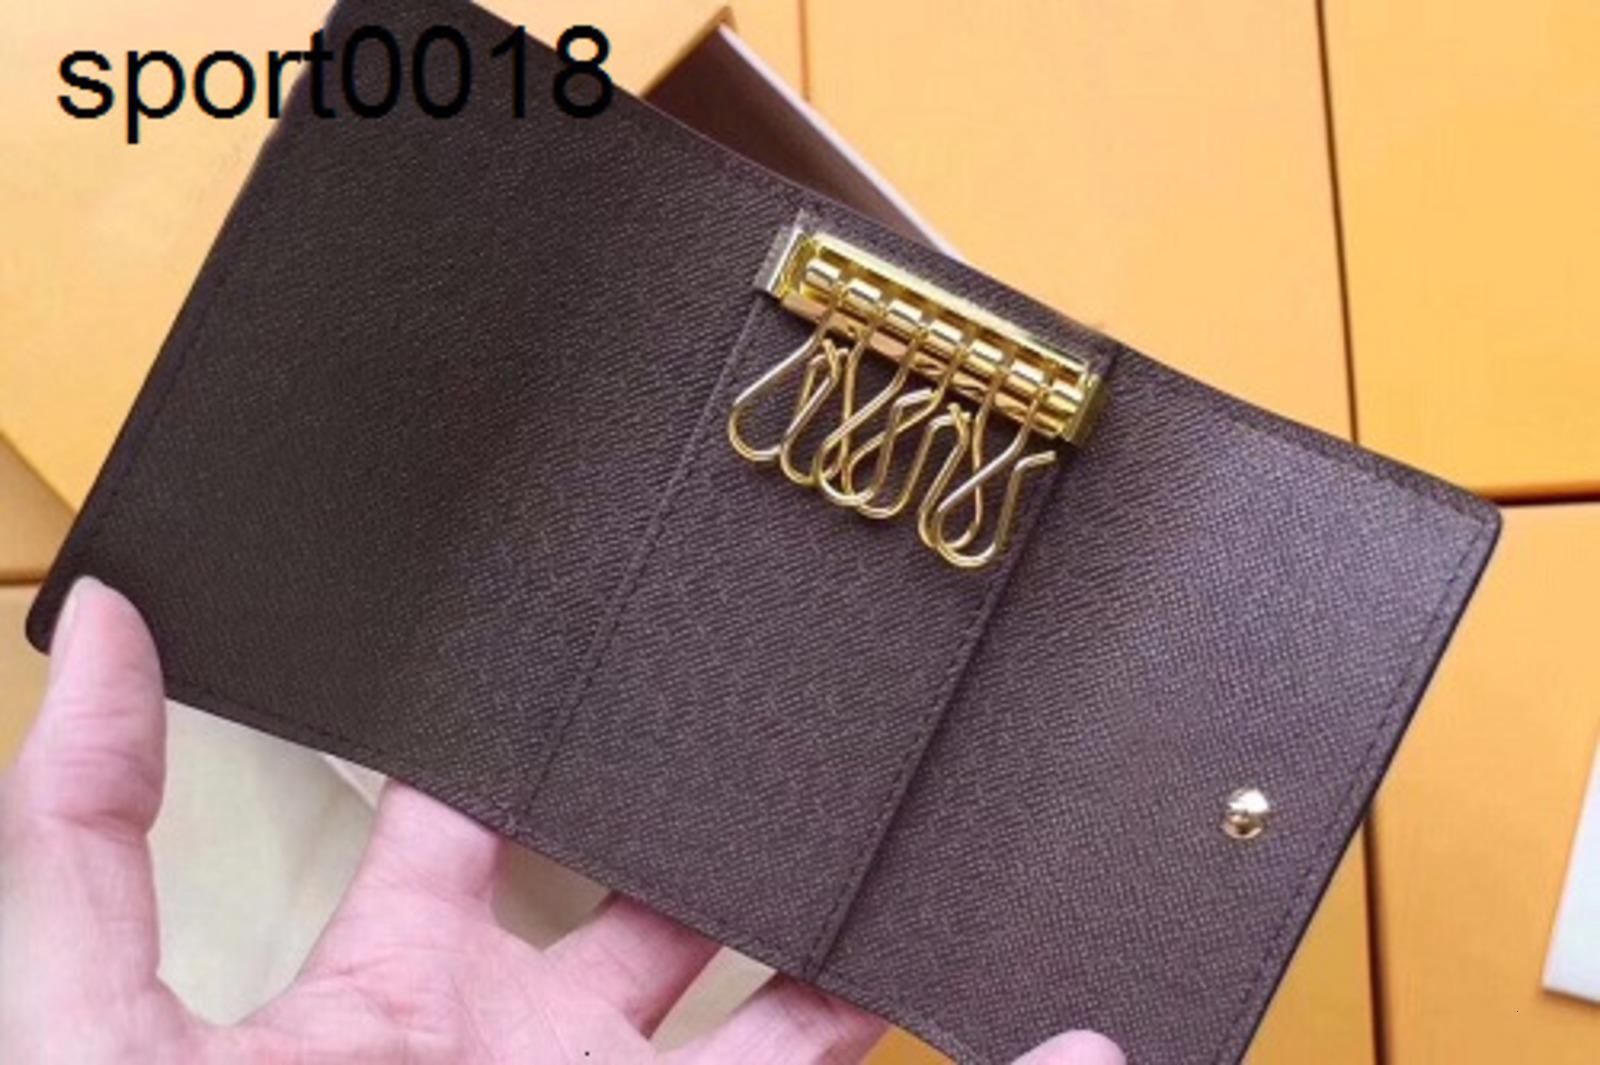 6 llaves del portatarjetas de la manera de las mujeres Clave la caja del filtro de bolsillo Pochette Accesorios N62630 M62630